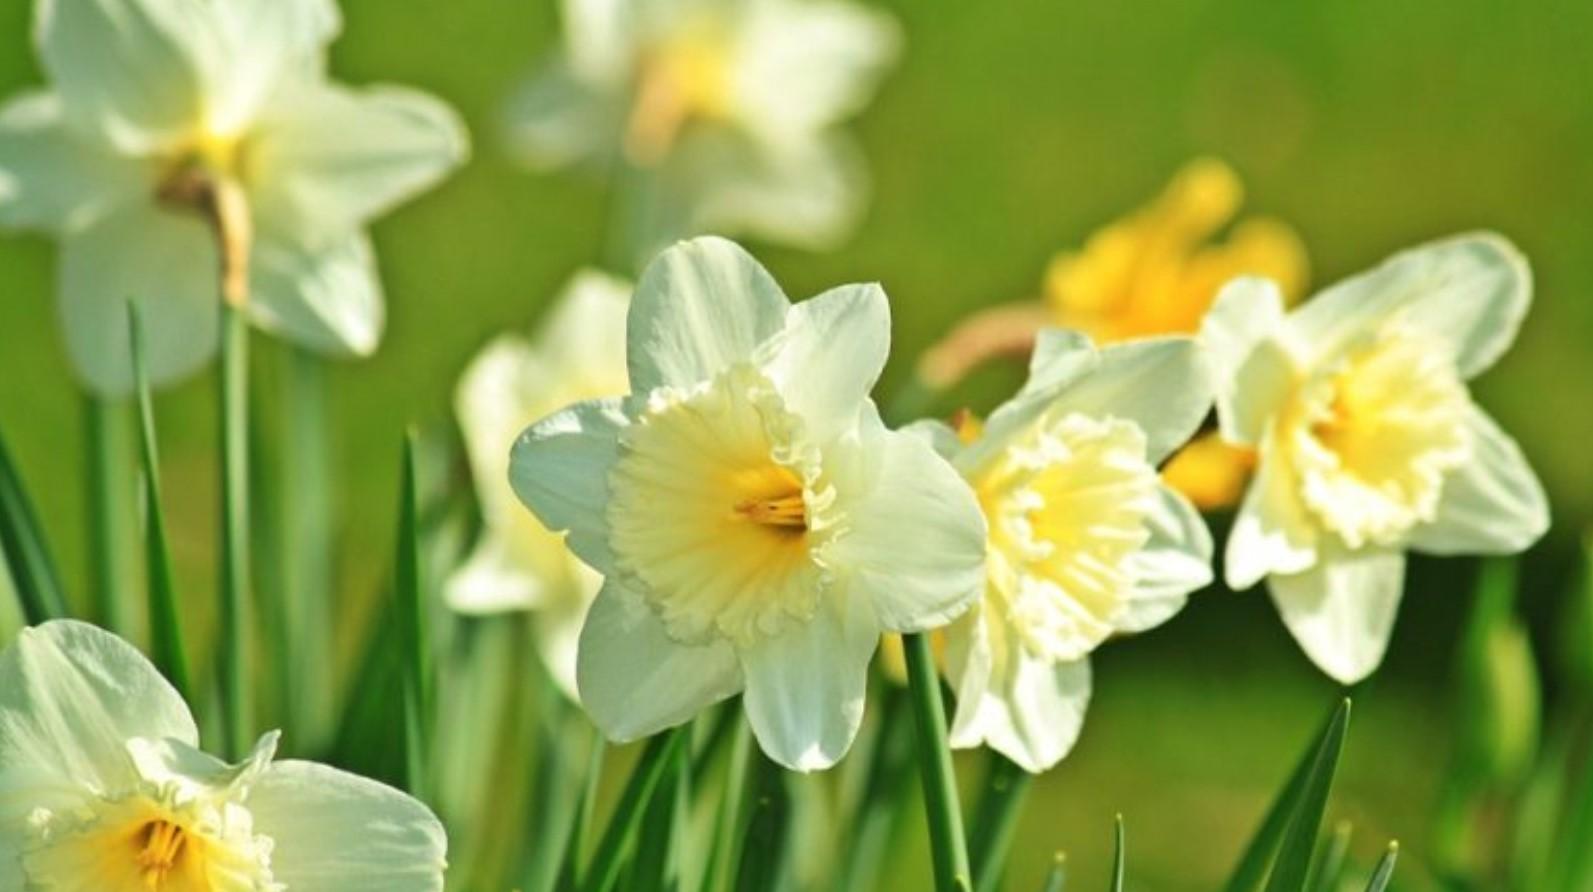 La Pasqua enuncia la bellezza, la rara bellezza di una nuova rinascita.